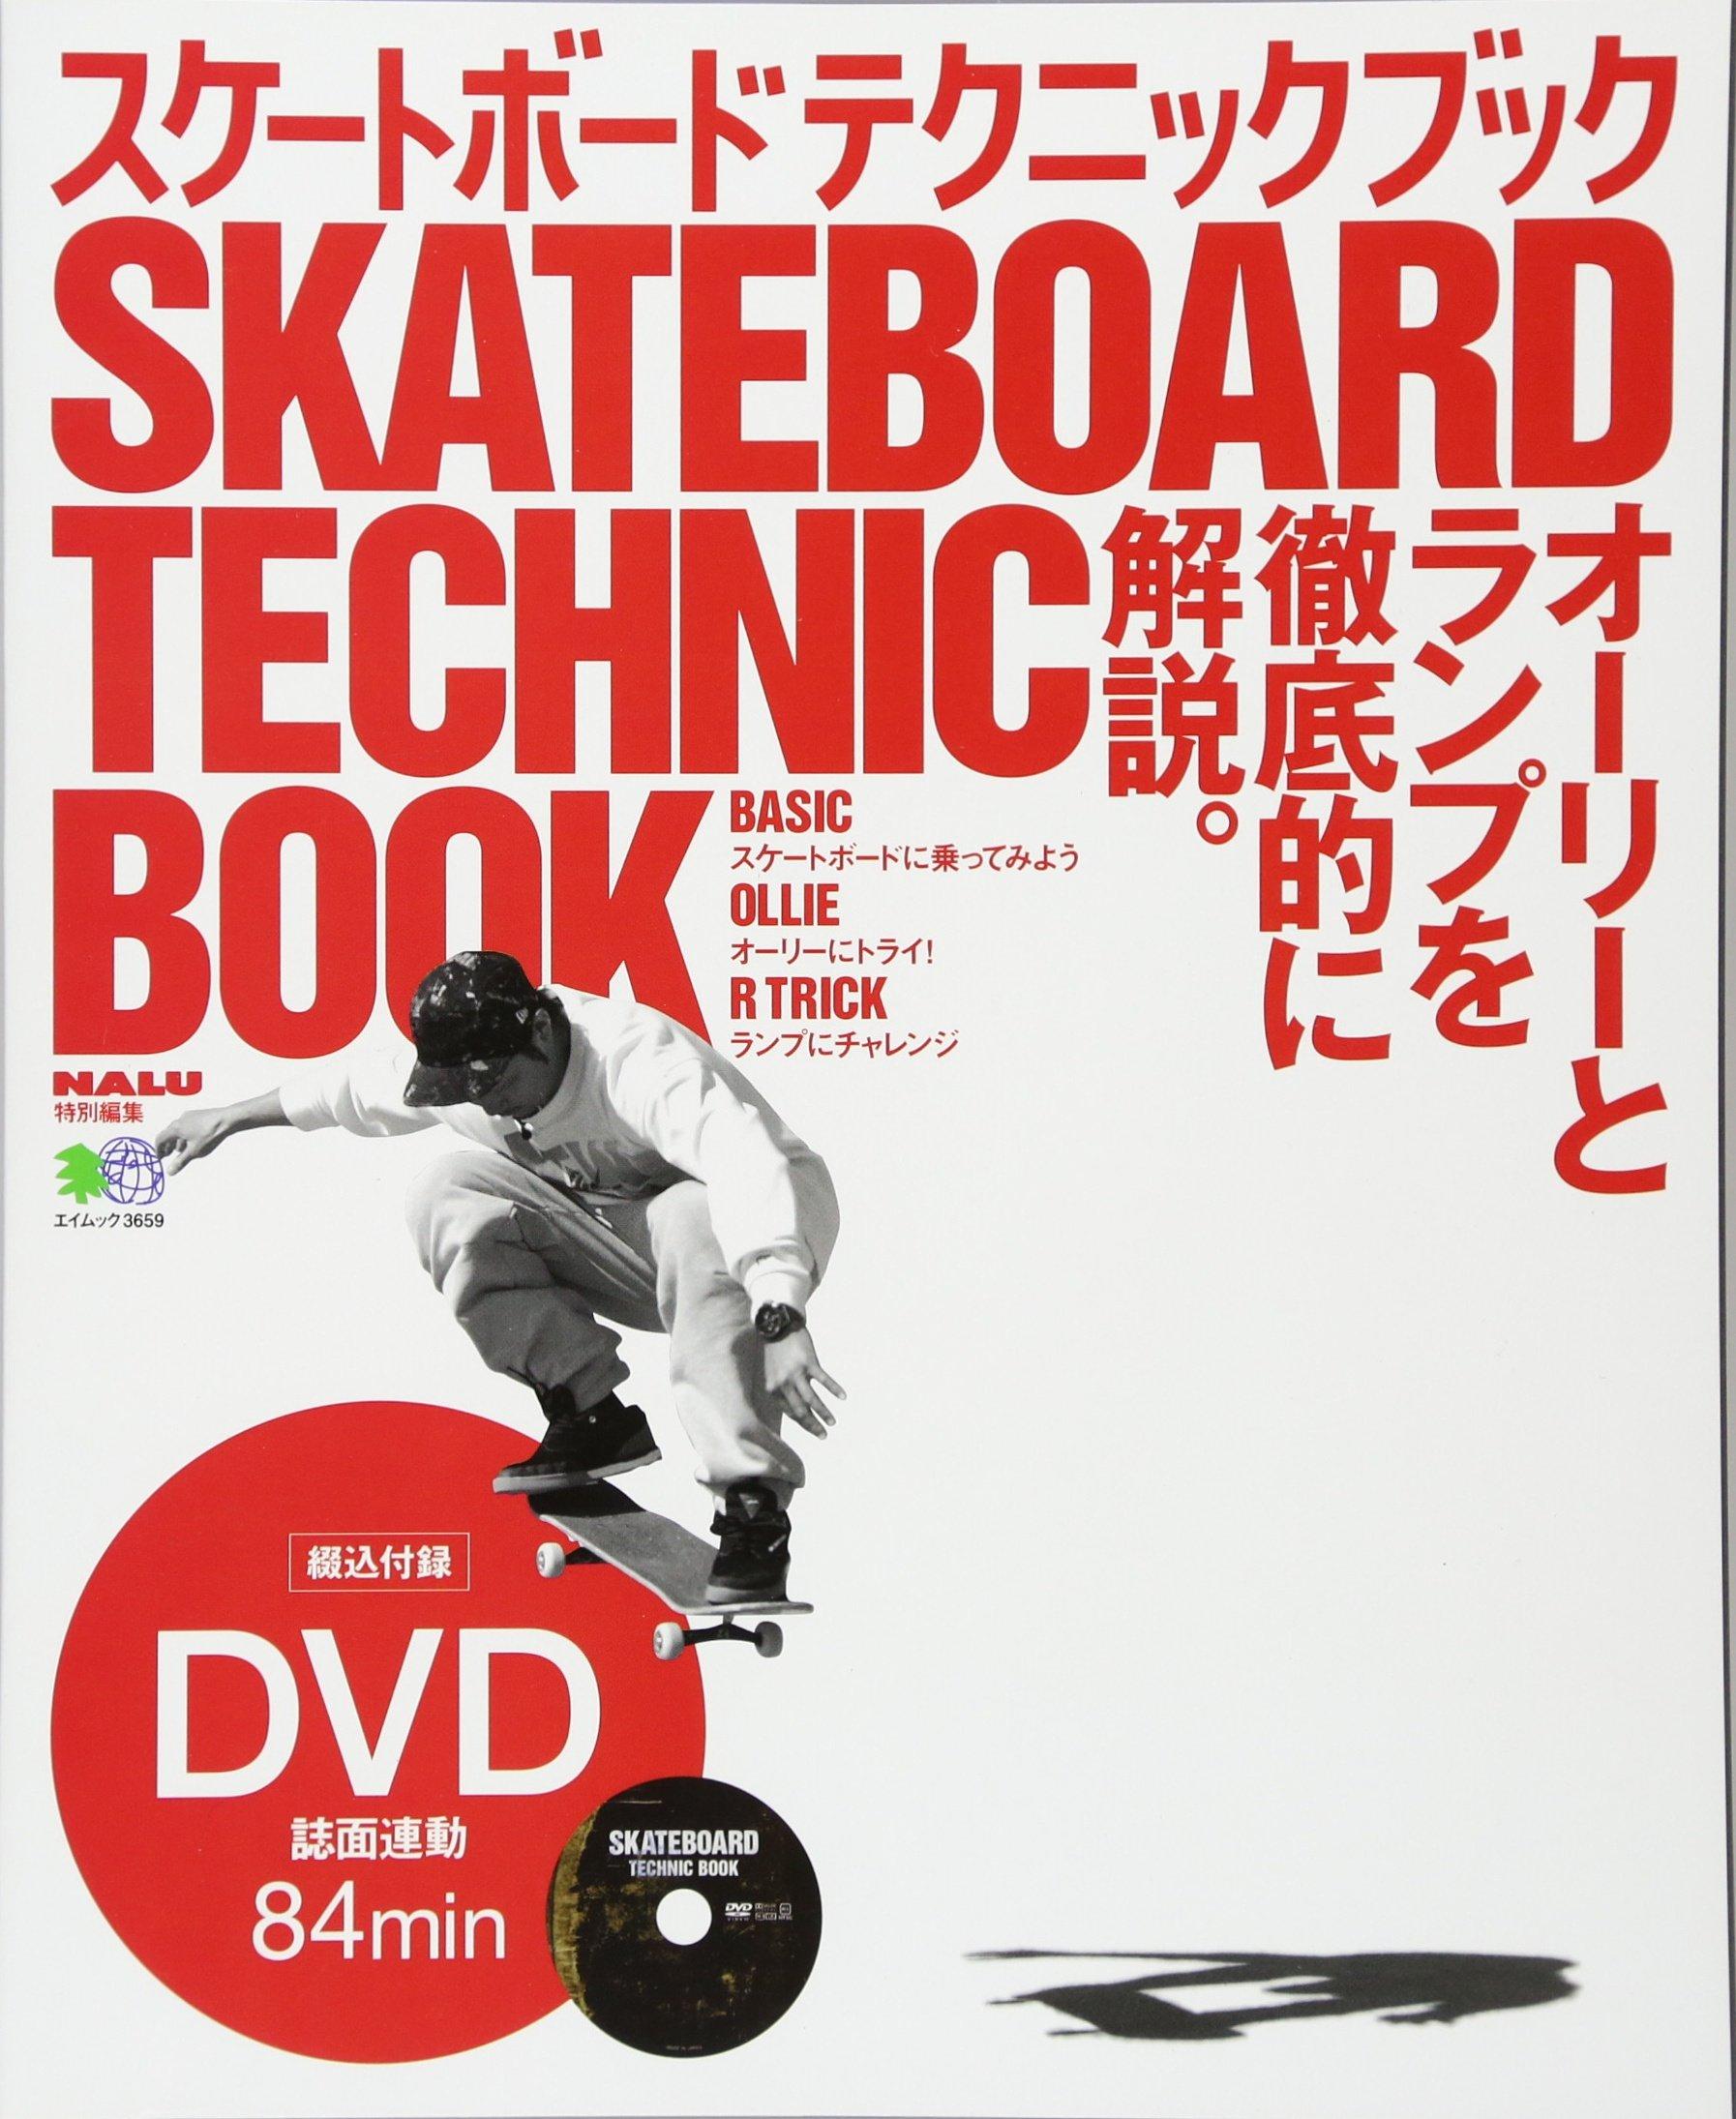 『スケートボード テクニックブック』(エイ出版社)